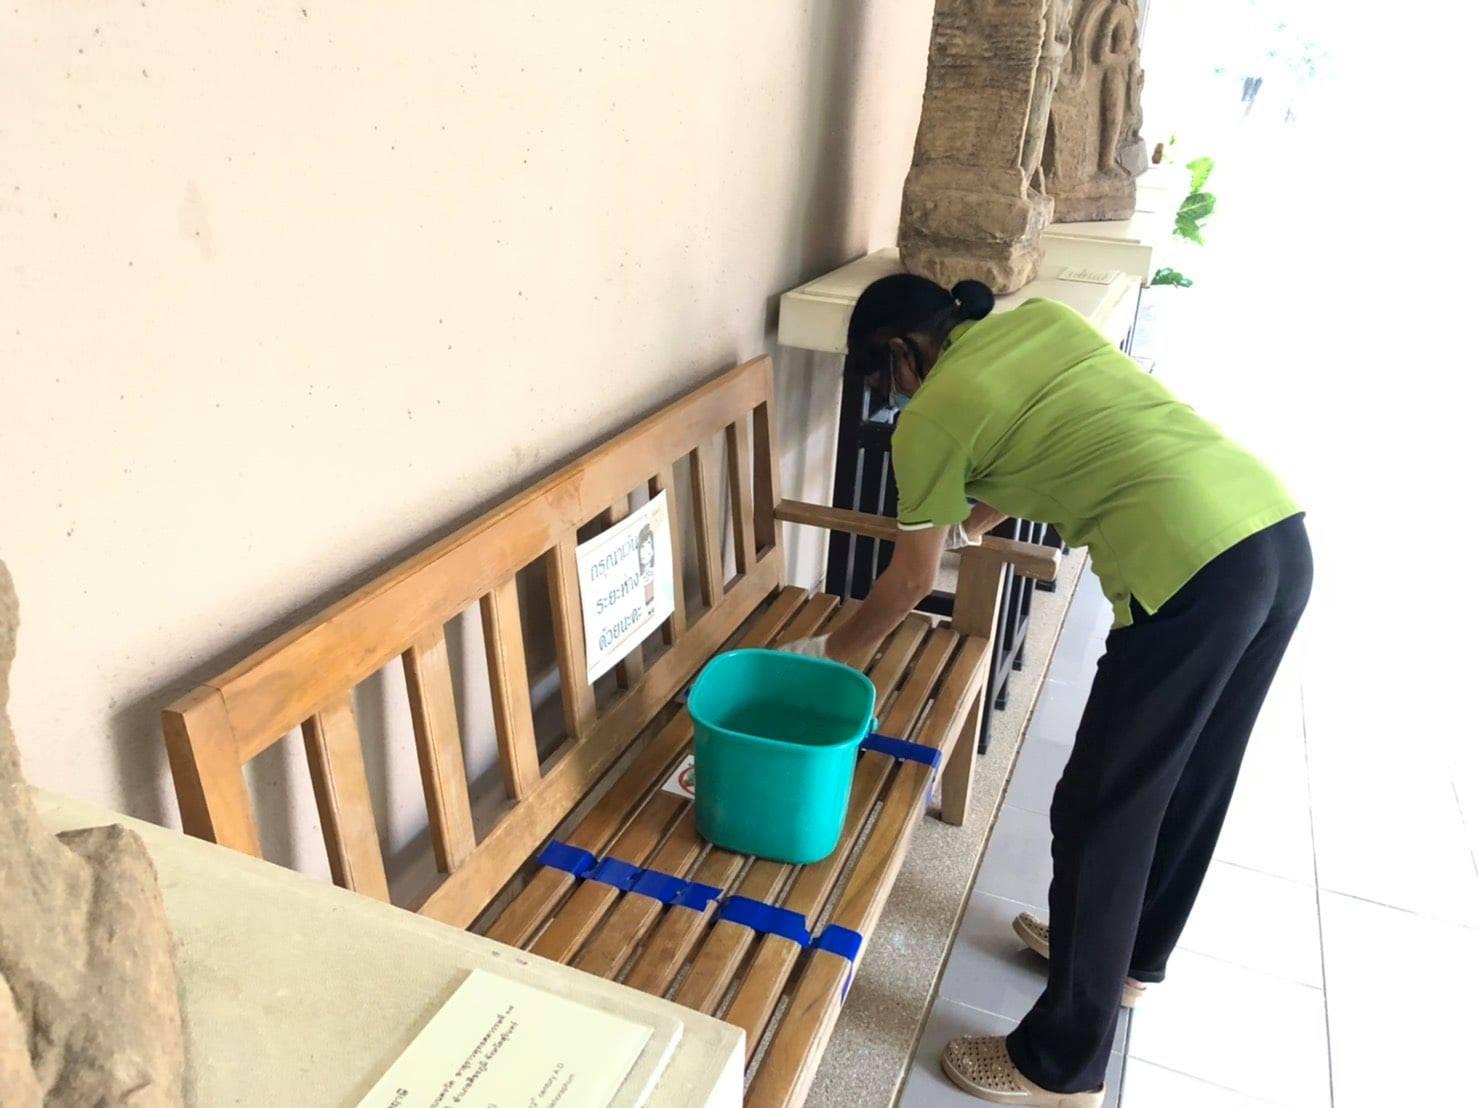 กิจกรรม   Big Cleaning Day   ประจำวันอาทิตย์ที่ ๑๘ เมษายน พ.ศ. ๒๕๖๔